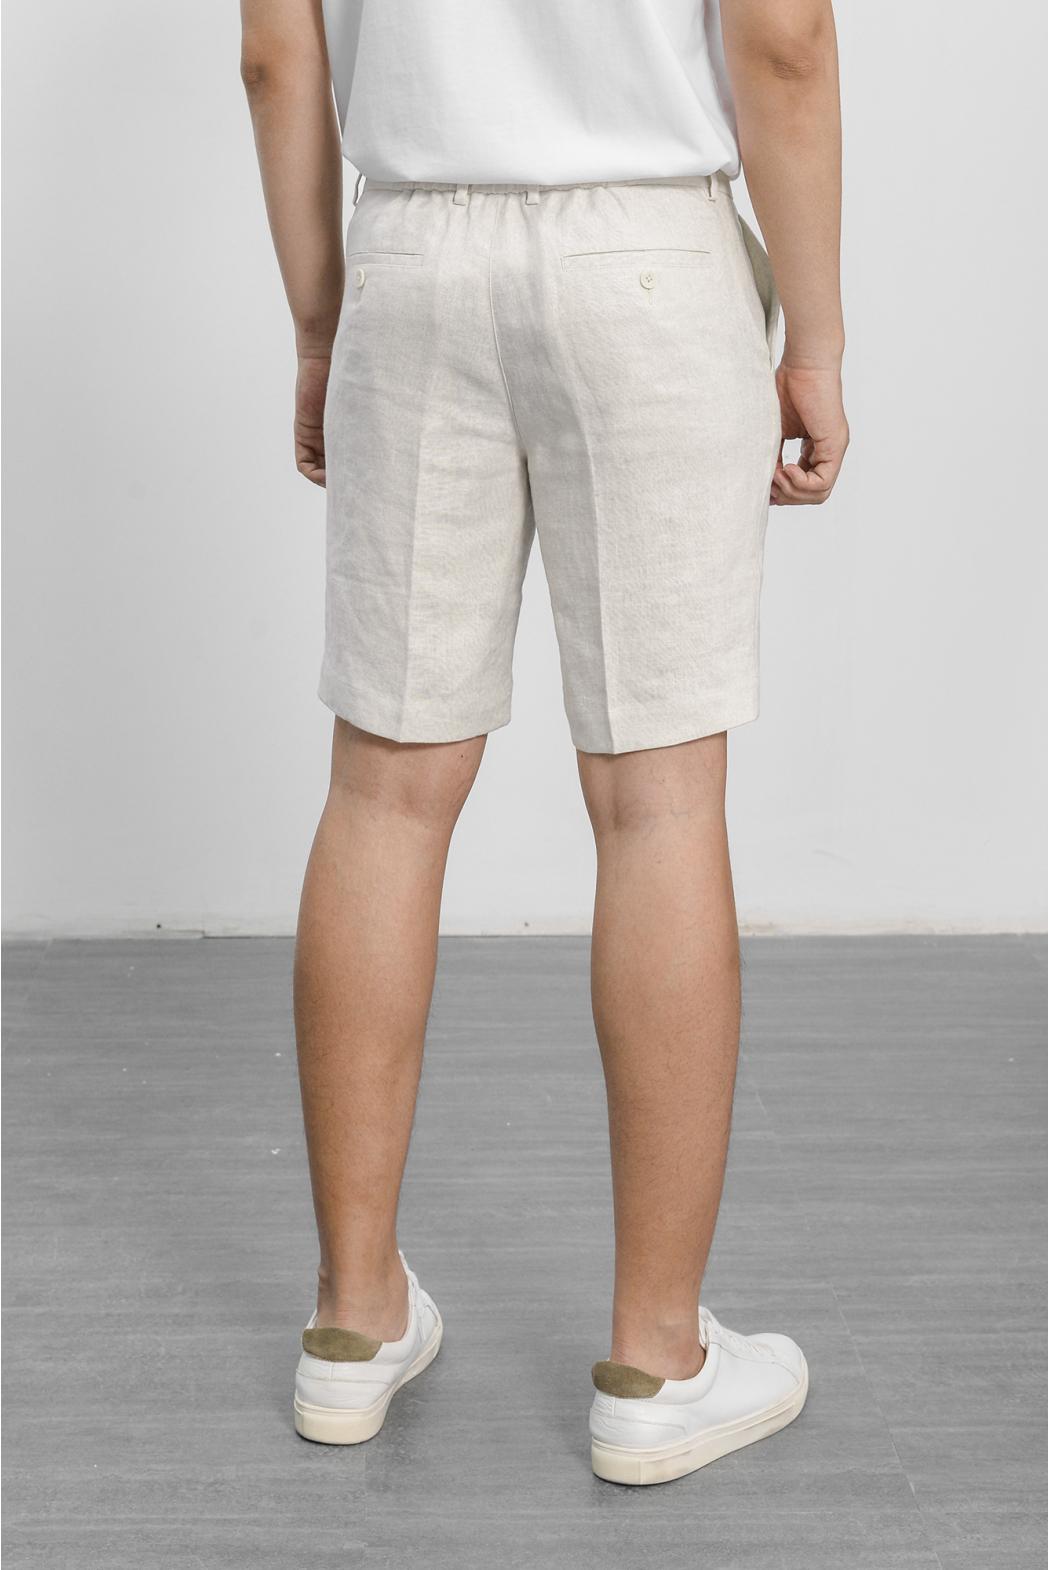 Quần short, lưng chun. STRAIGHT form - 10S21PSH002